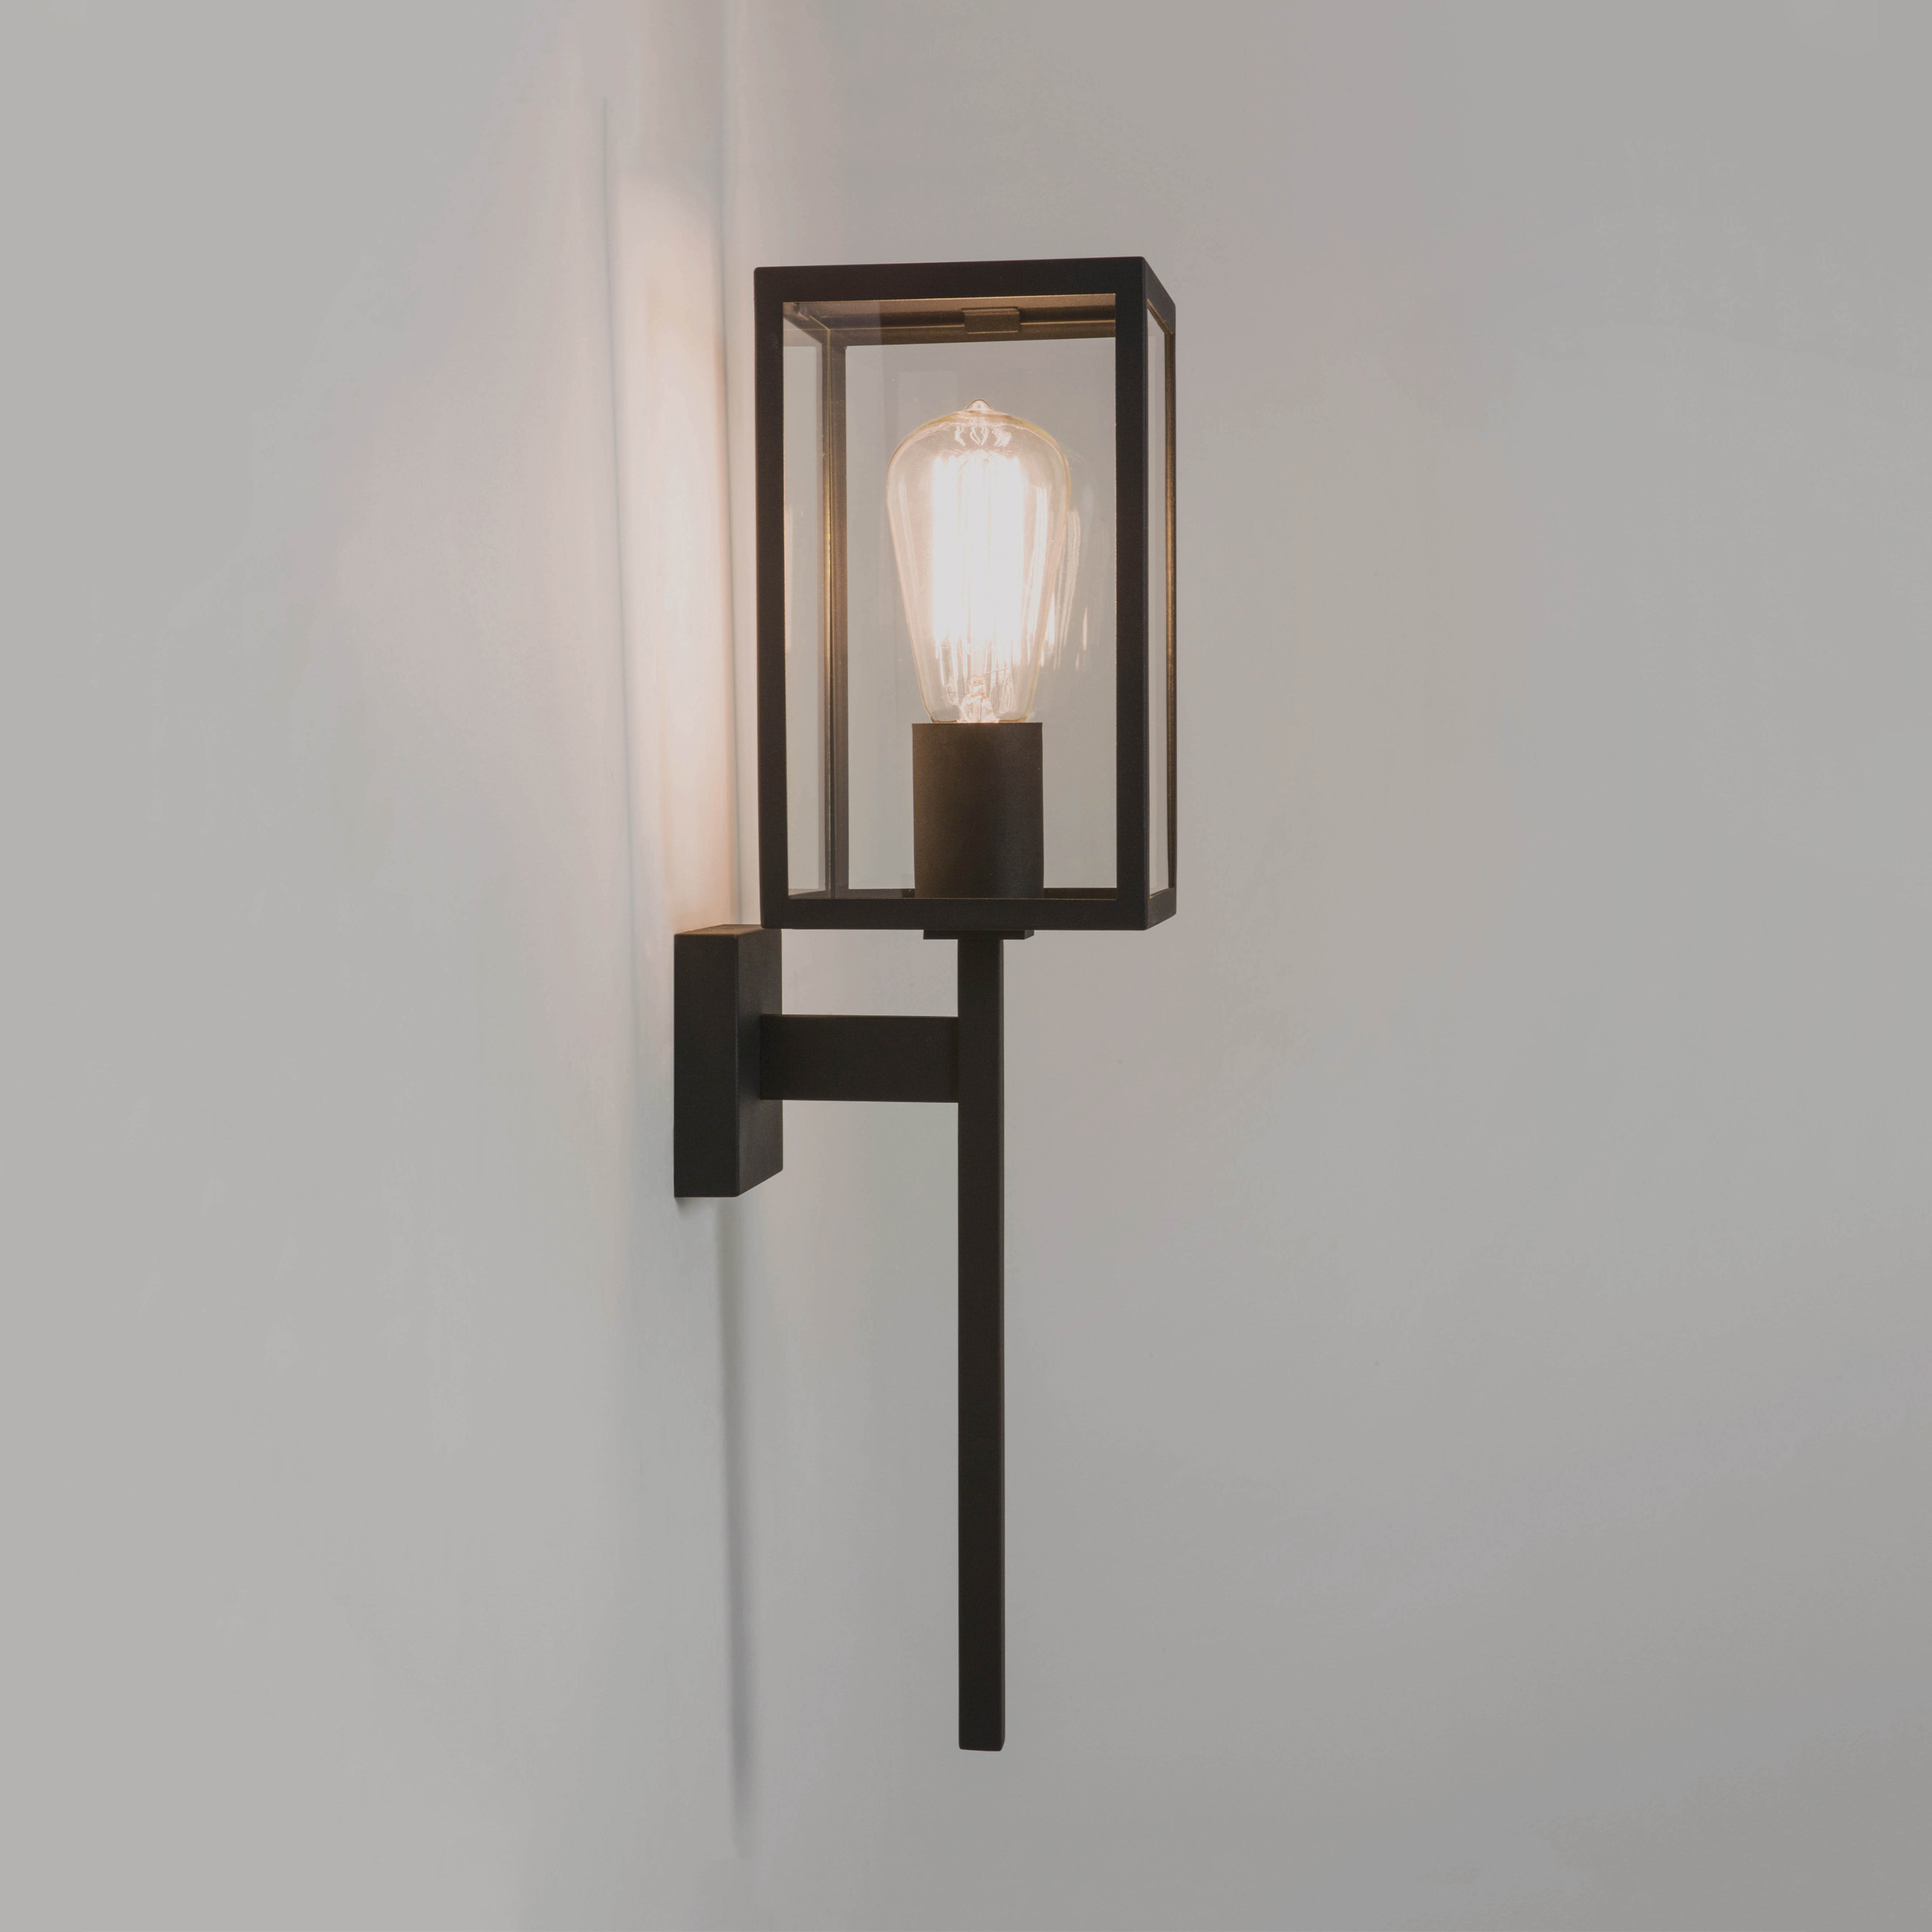 Настенный фонарь Astro Coach 1369001 (7563), IP44, 1xE27x60W, черный, прозрачный, металл, стекло - фото 1